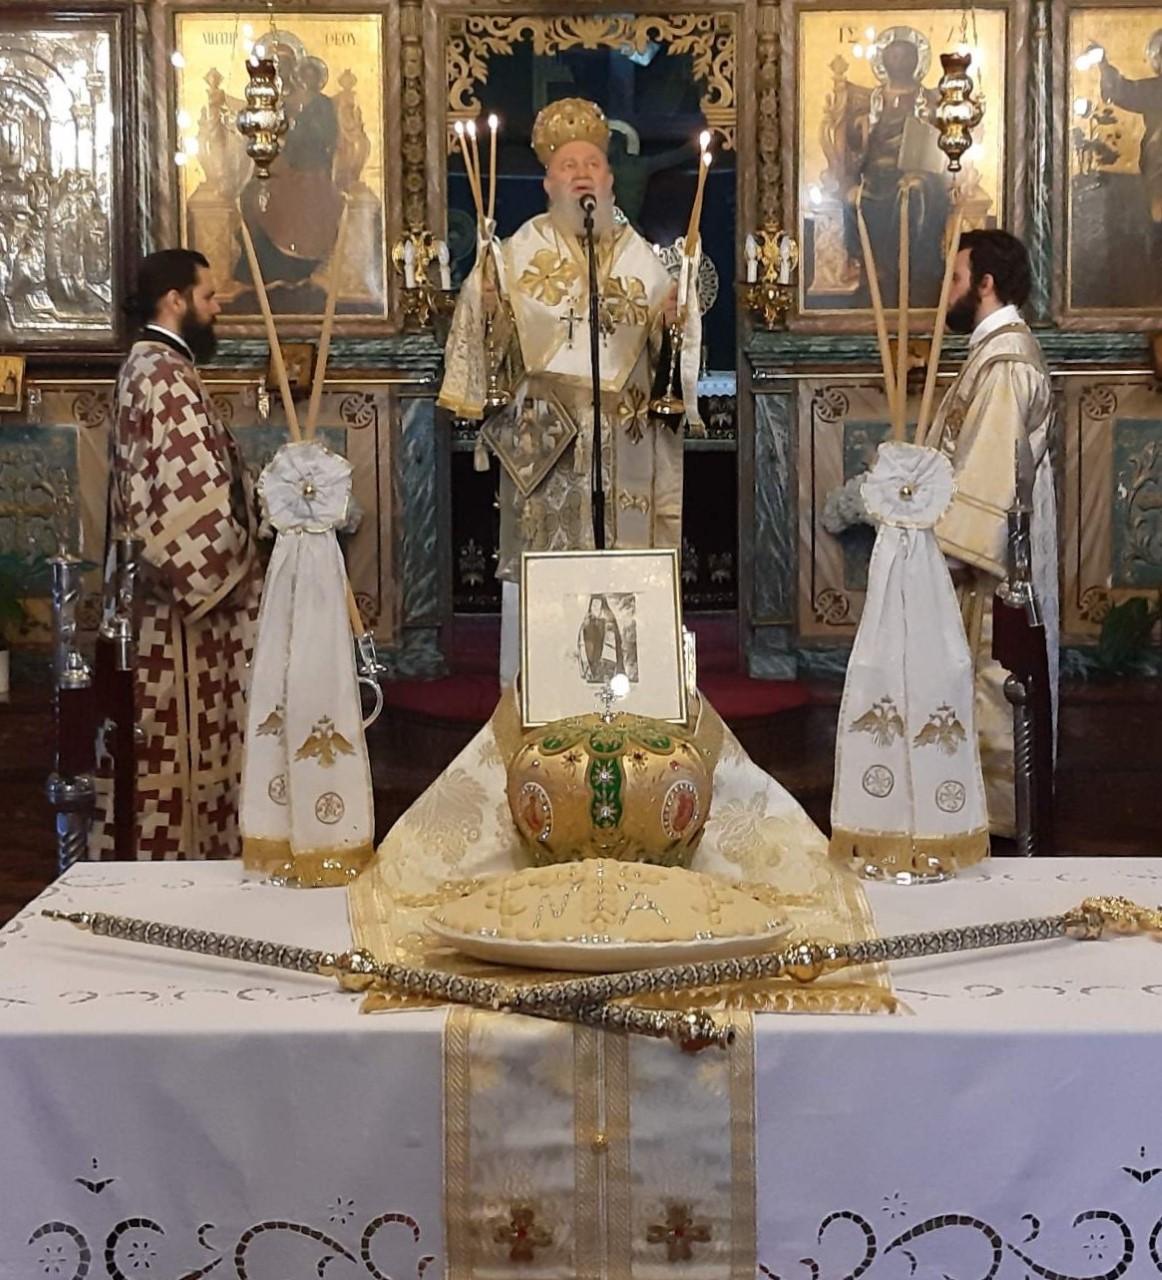 Μνημόσυνο στον Εθνογέρτη Αρχιεπίσκοπο Ευβοίας Νεόφυτο Αδάμ στα Φύλλα Χαλκίδος